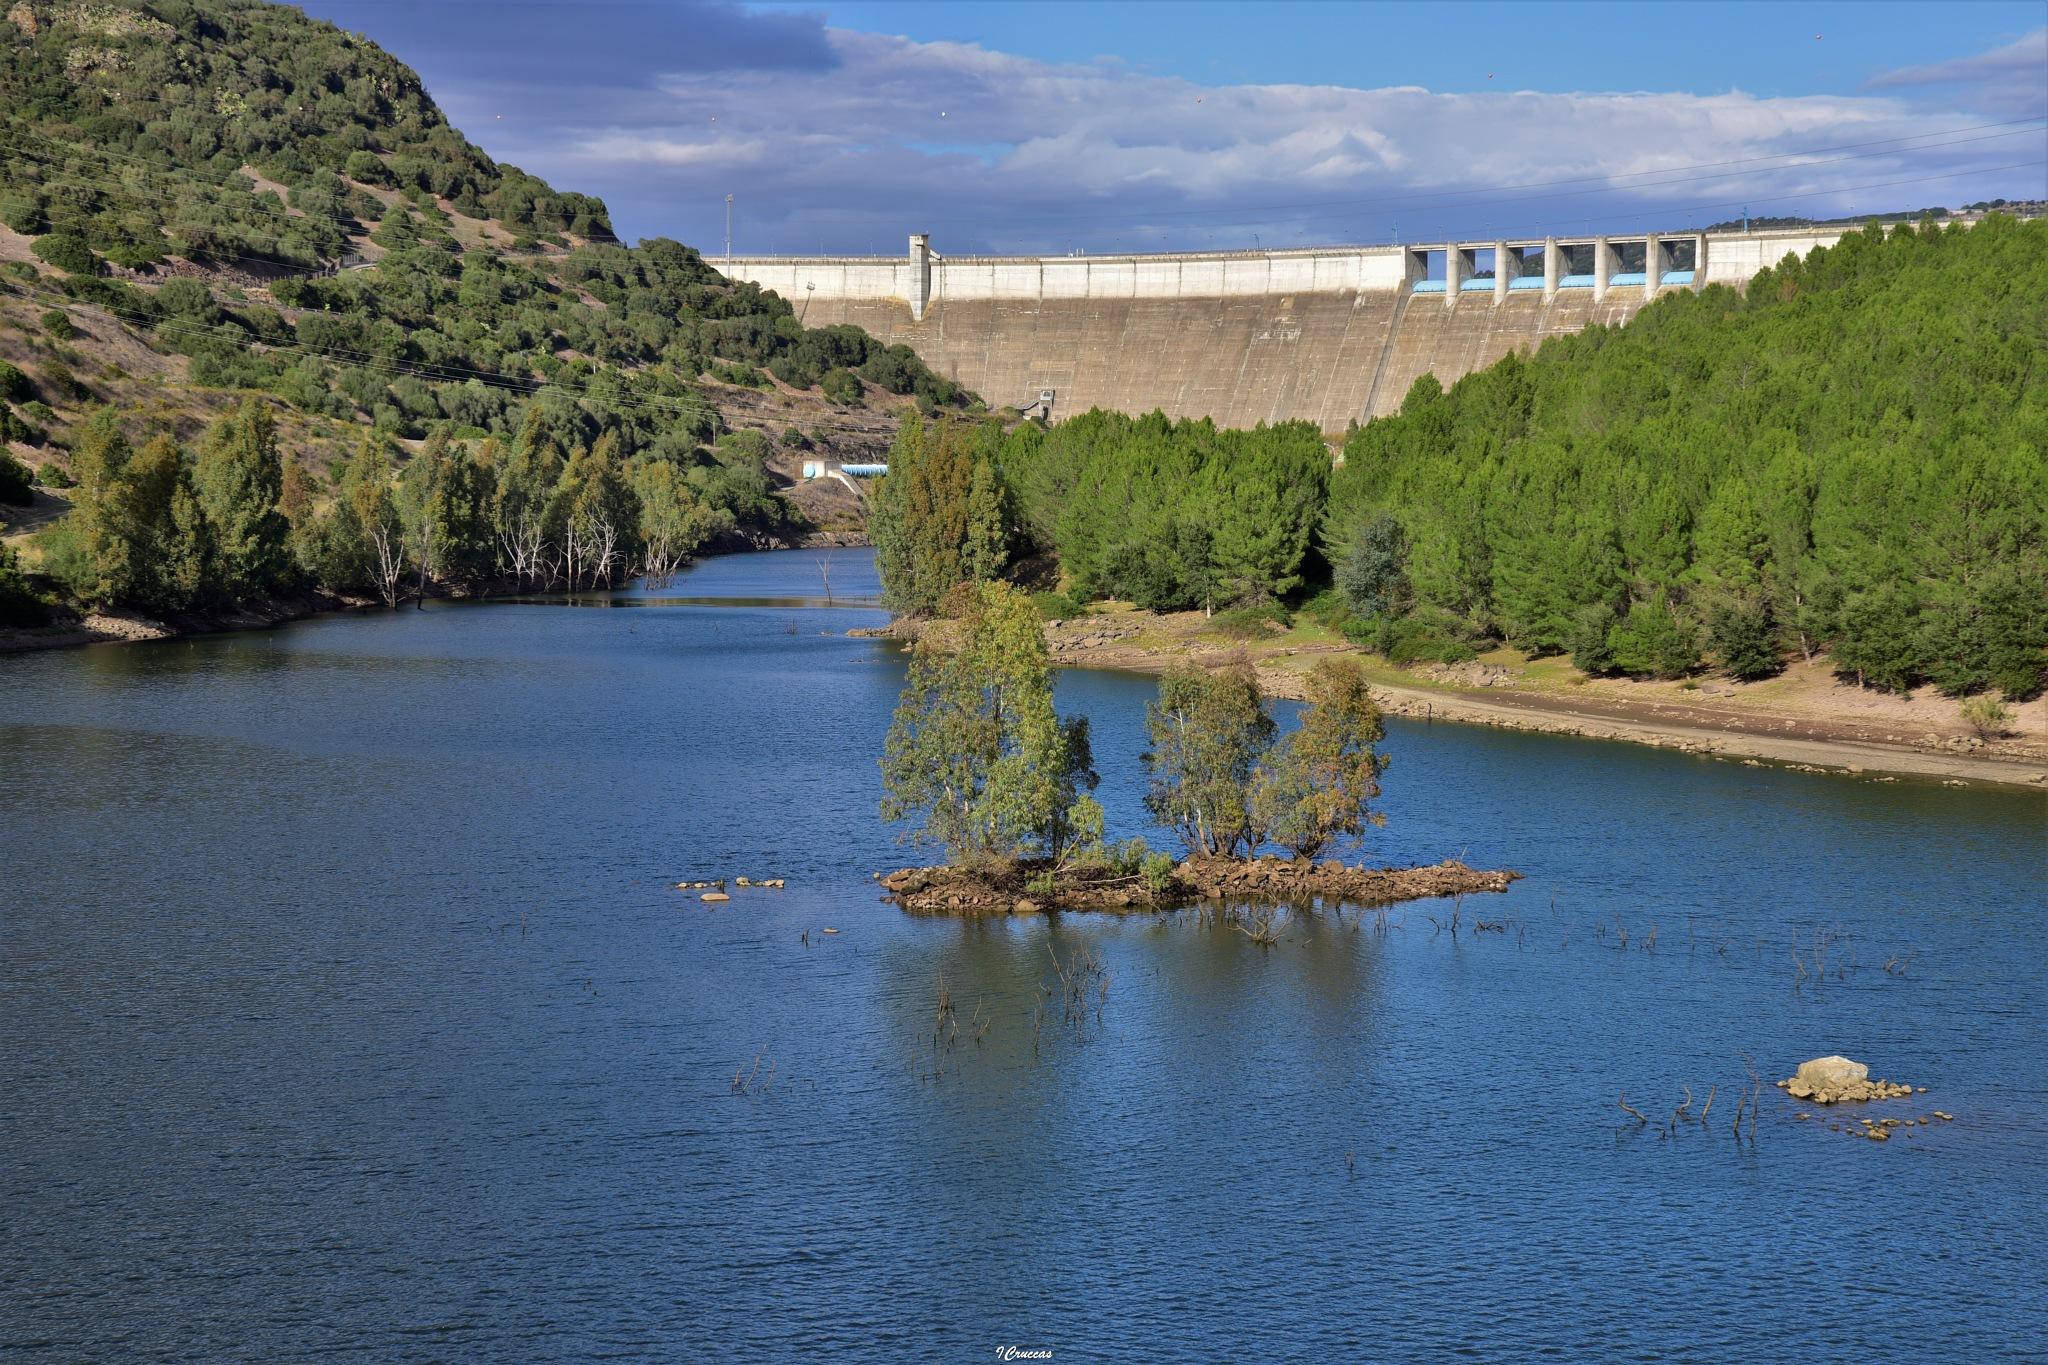 Diga Eleonora D'Arborea sul fiume Tirso by ignazio cruccas